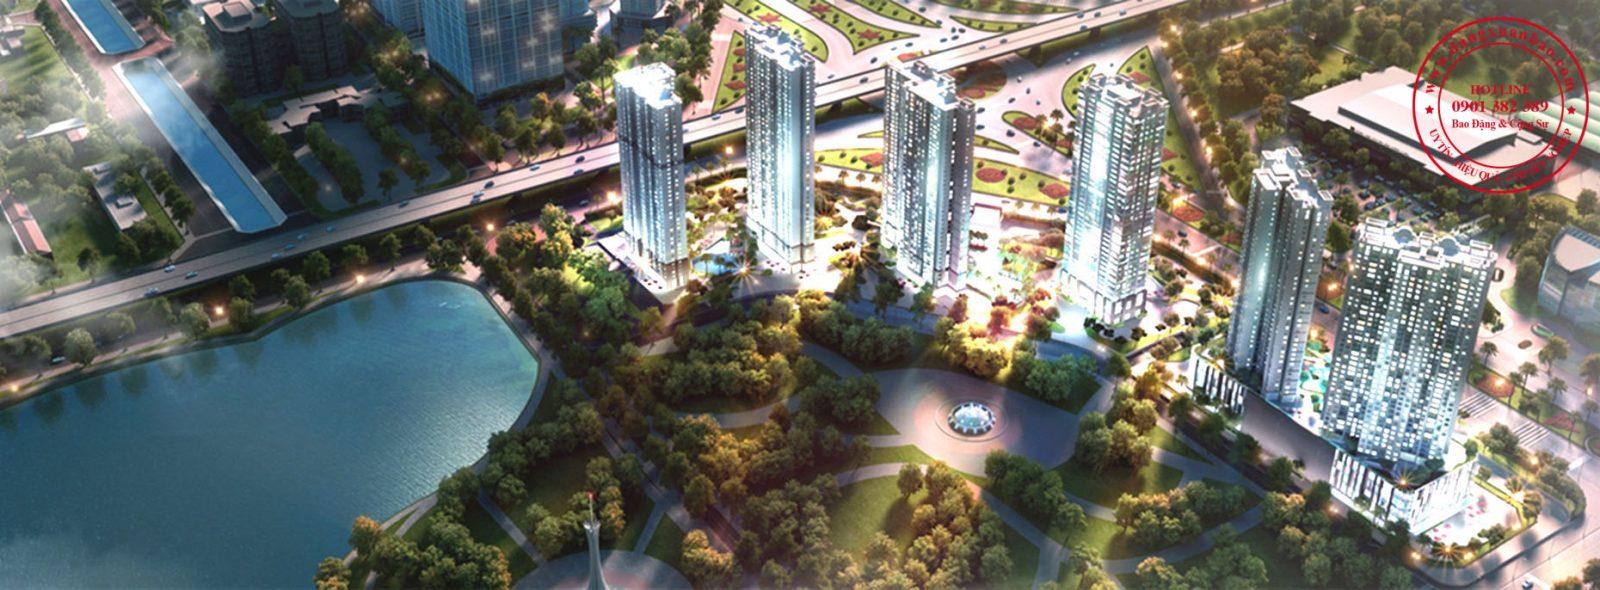 Phoi canh tong the Gem Riverside Quan 2